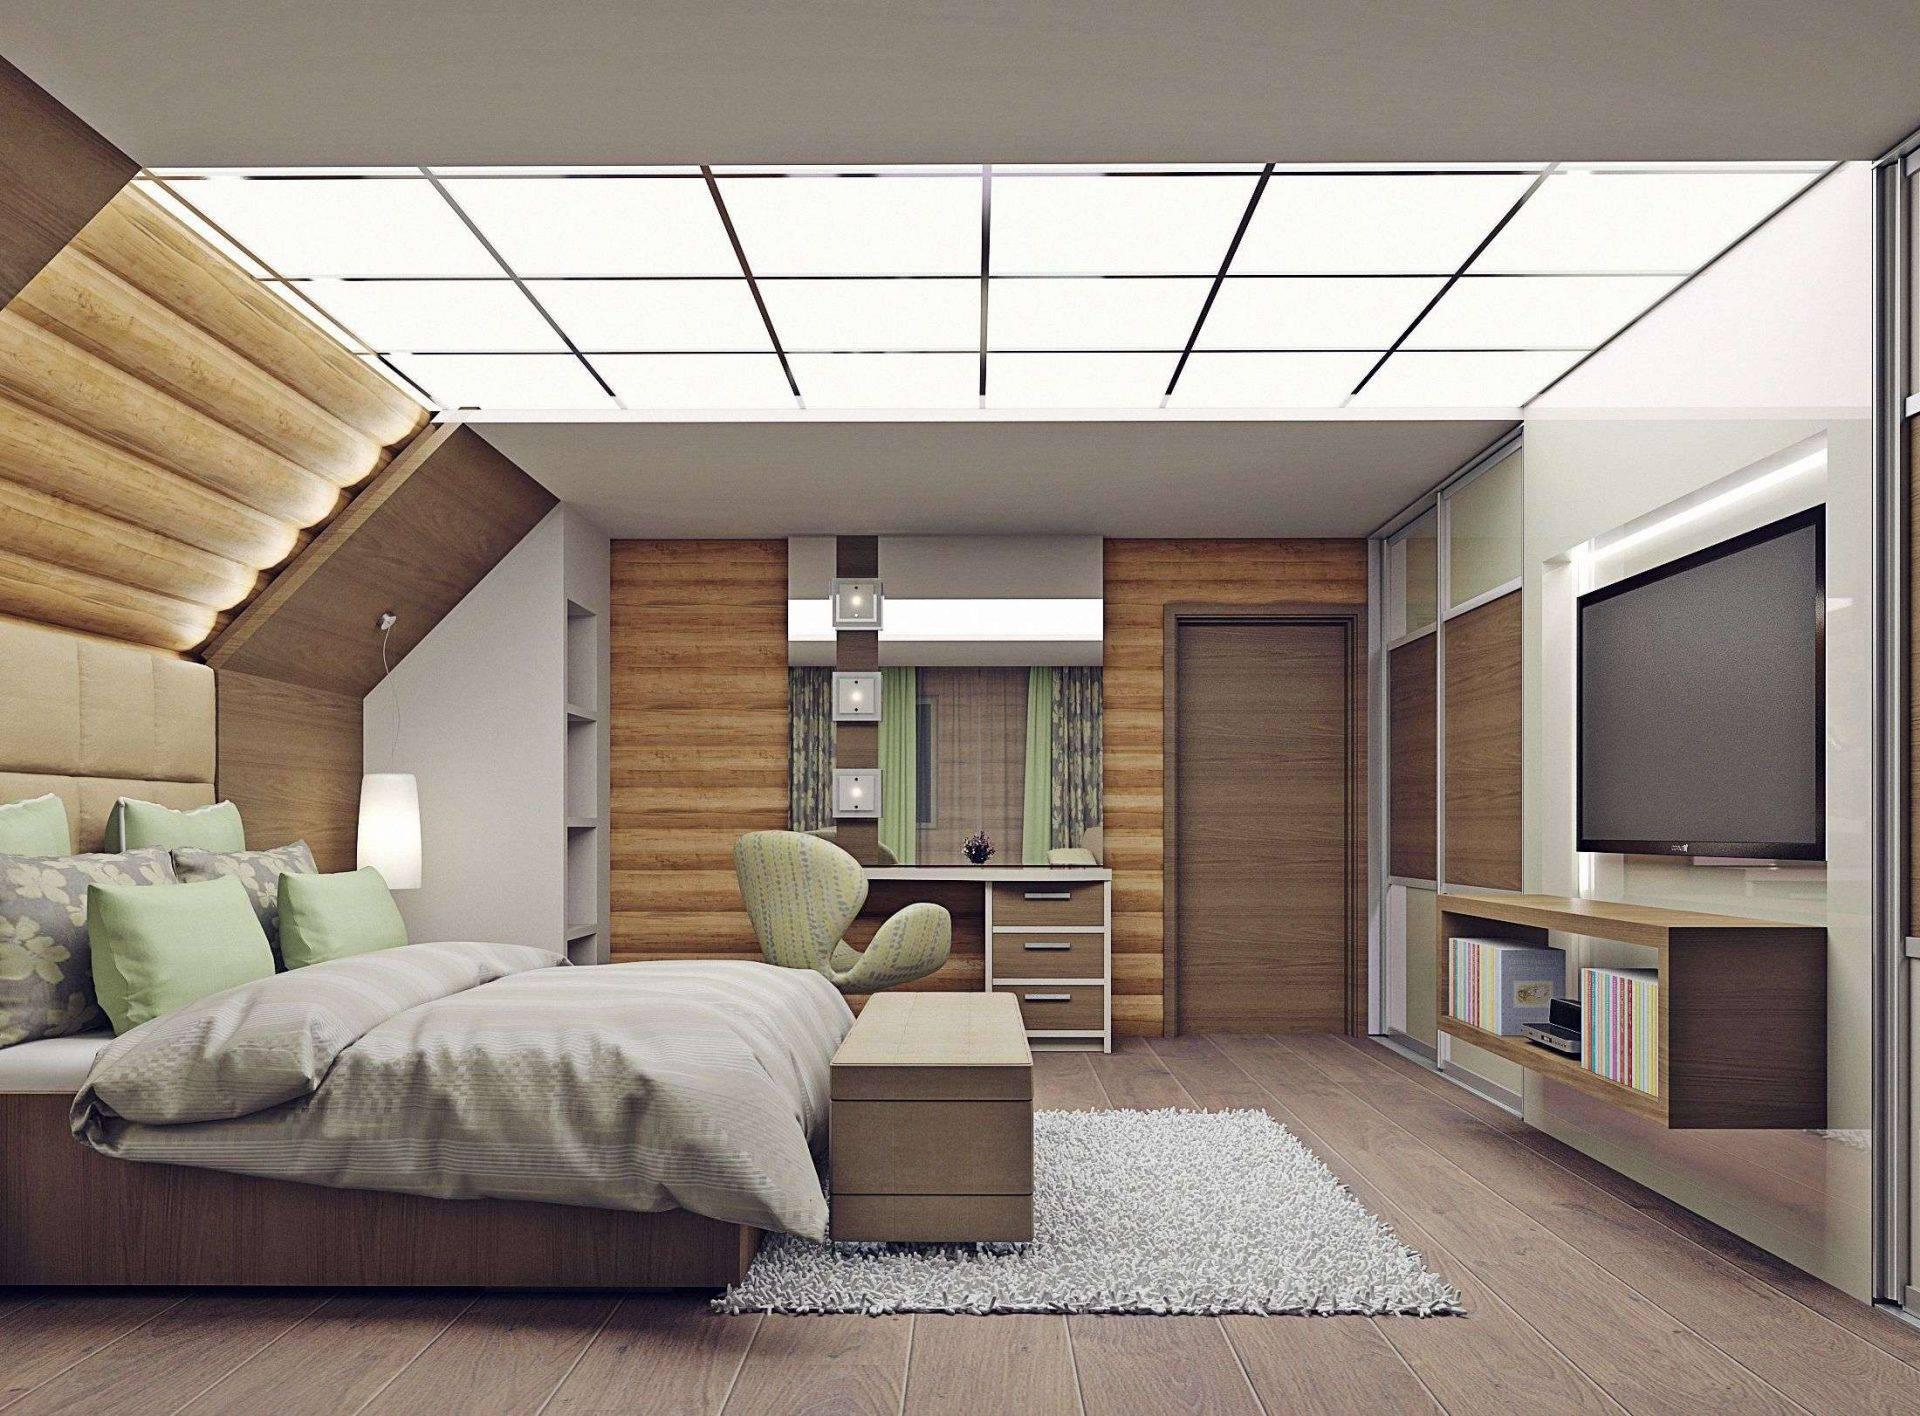 Дизайн Спальни на мансарде — Удивительные идеи: 200+ Интерьеров в Современном стиле